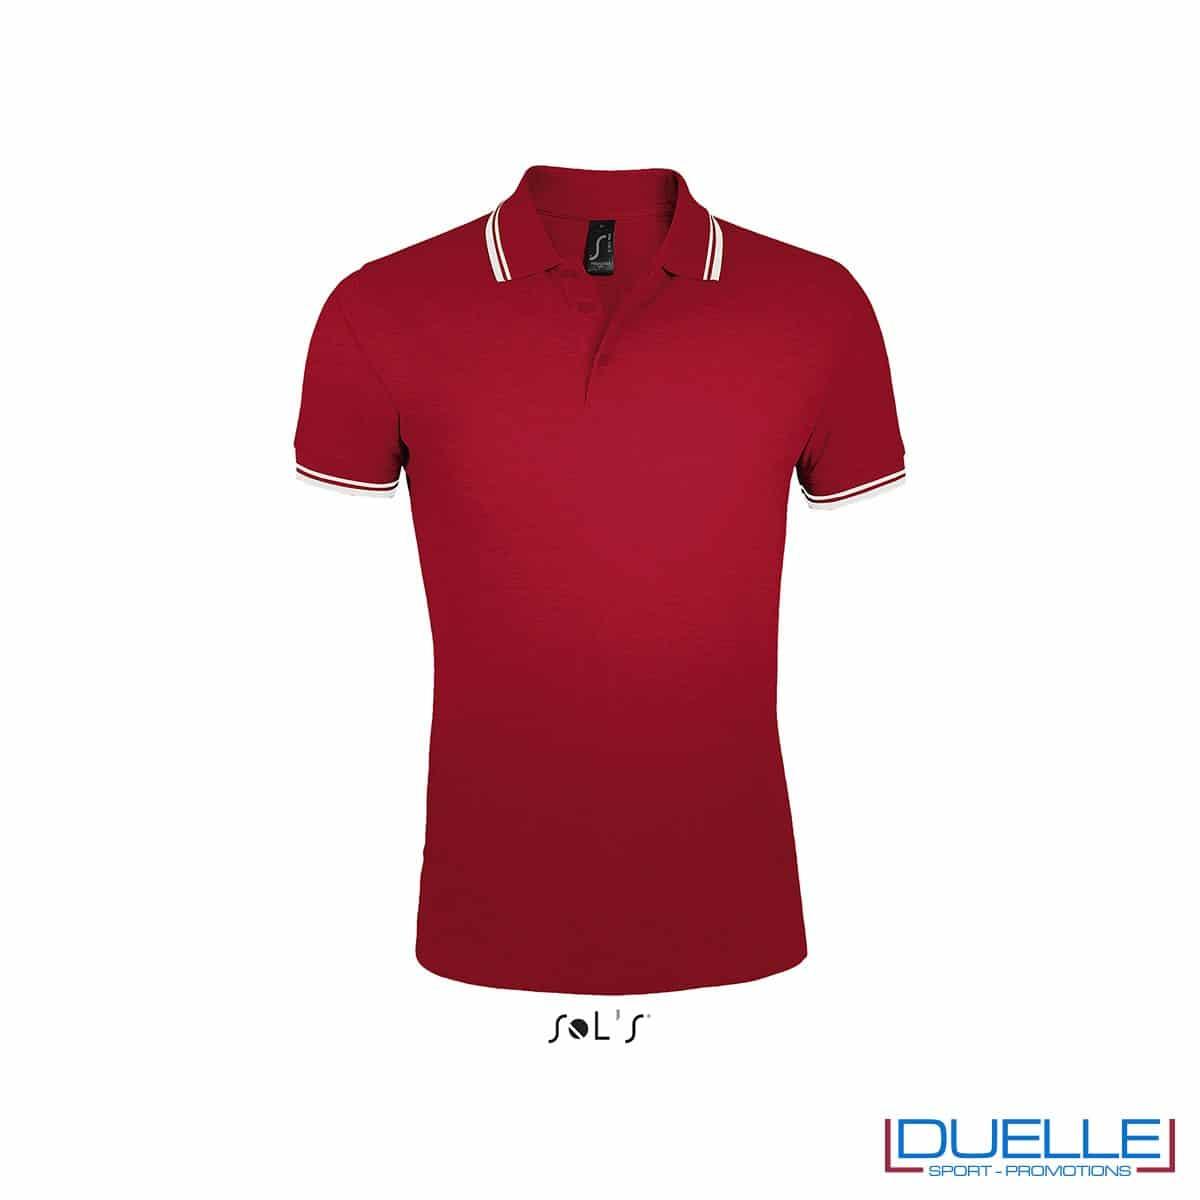 polo personalizzata rosso con profili a contrasto bianchi, polo personalizzate